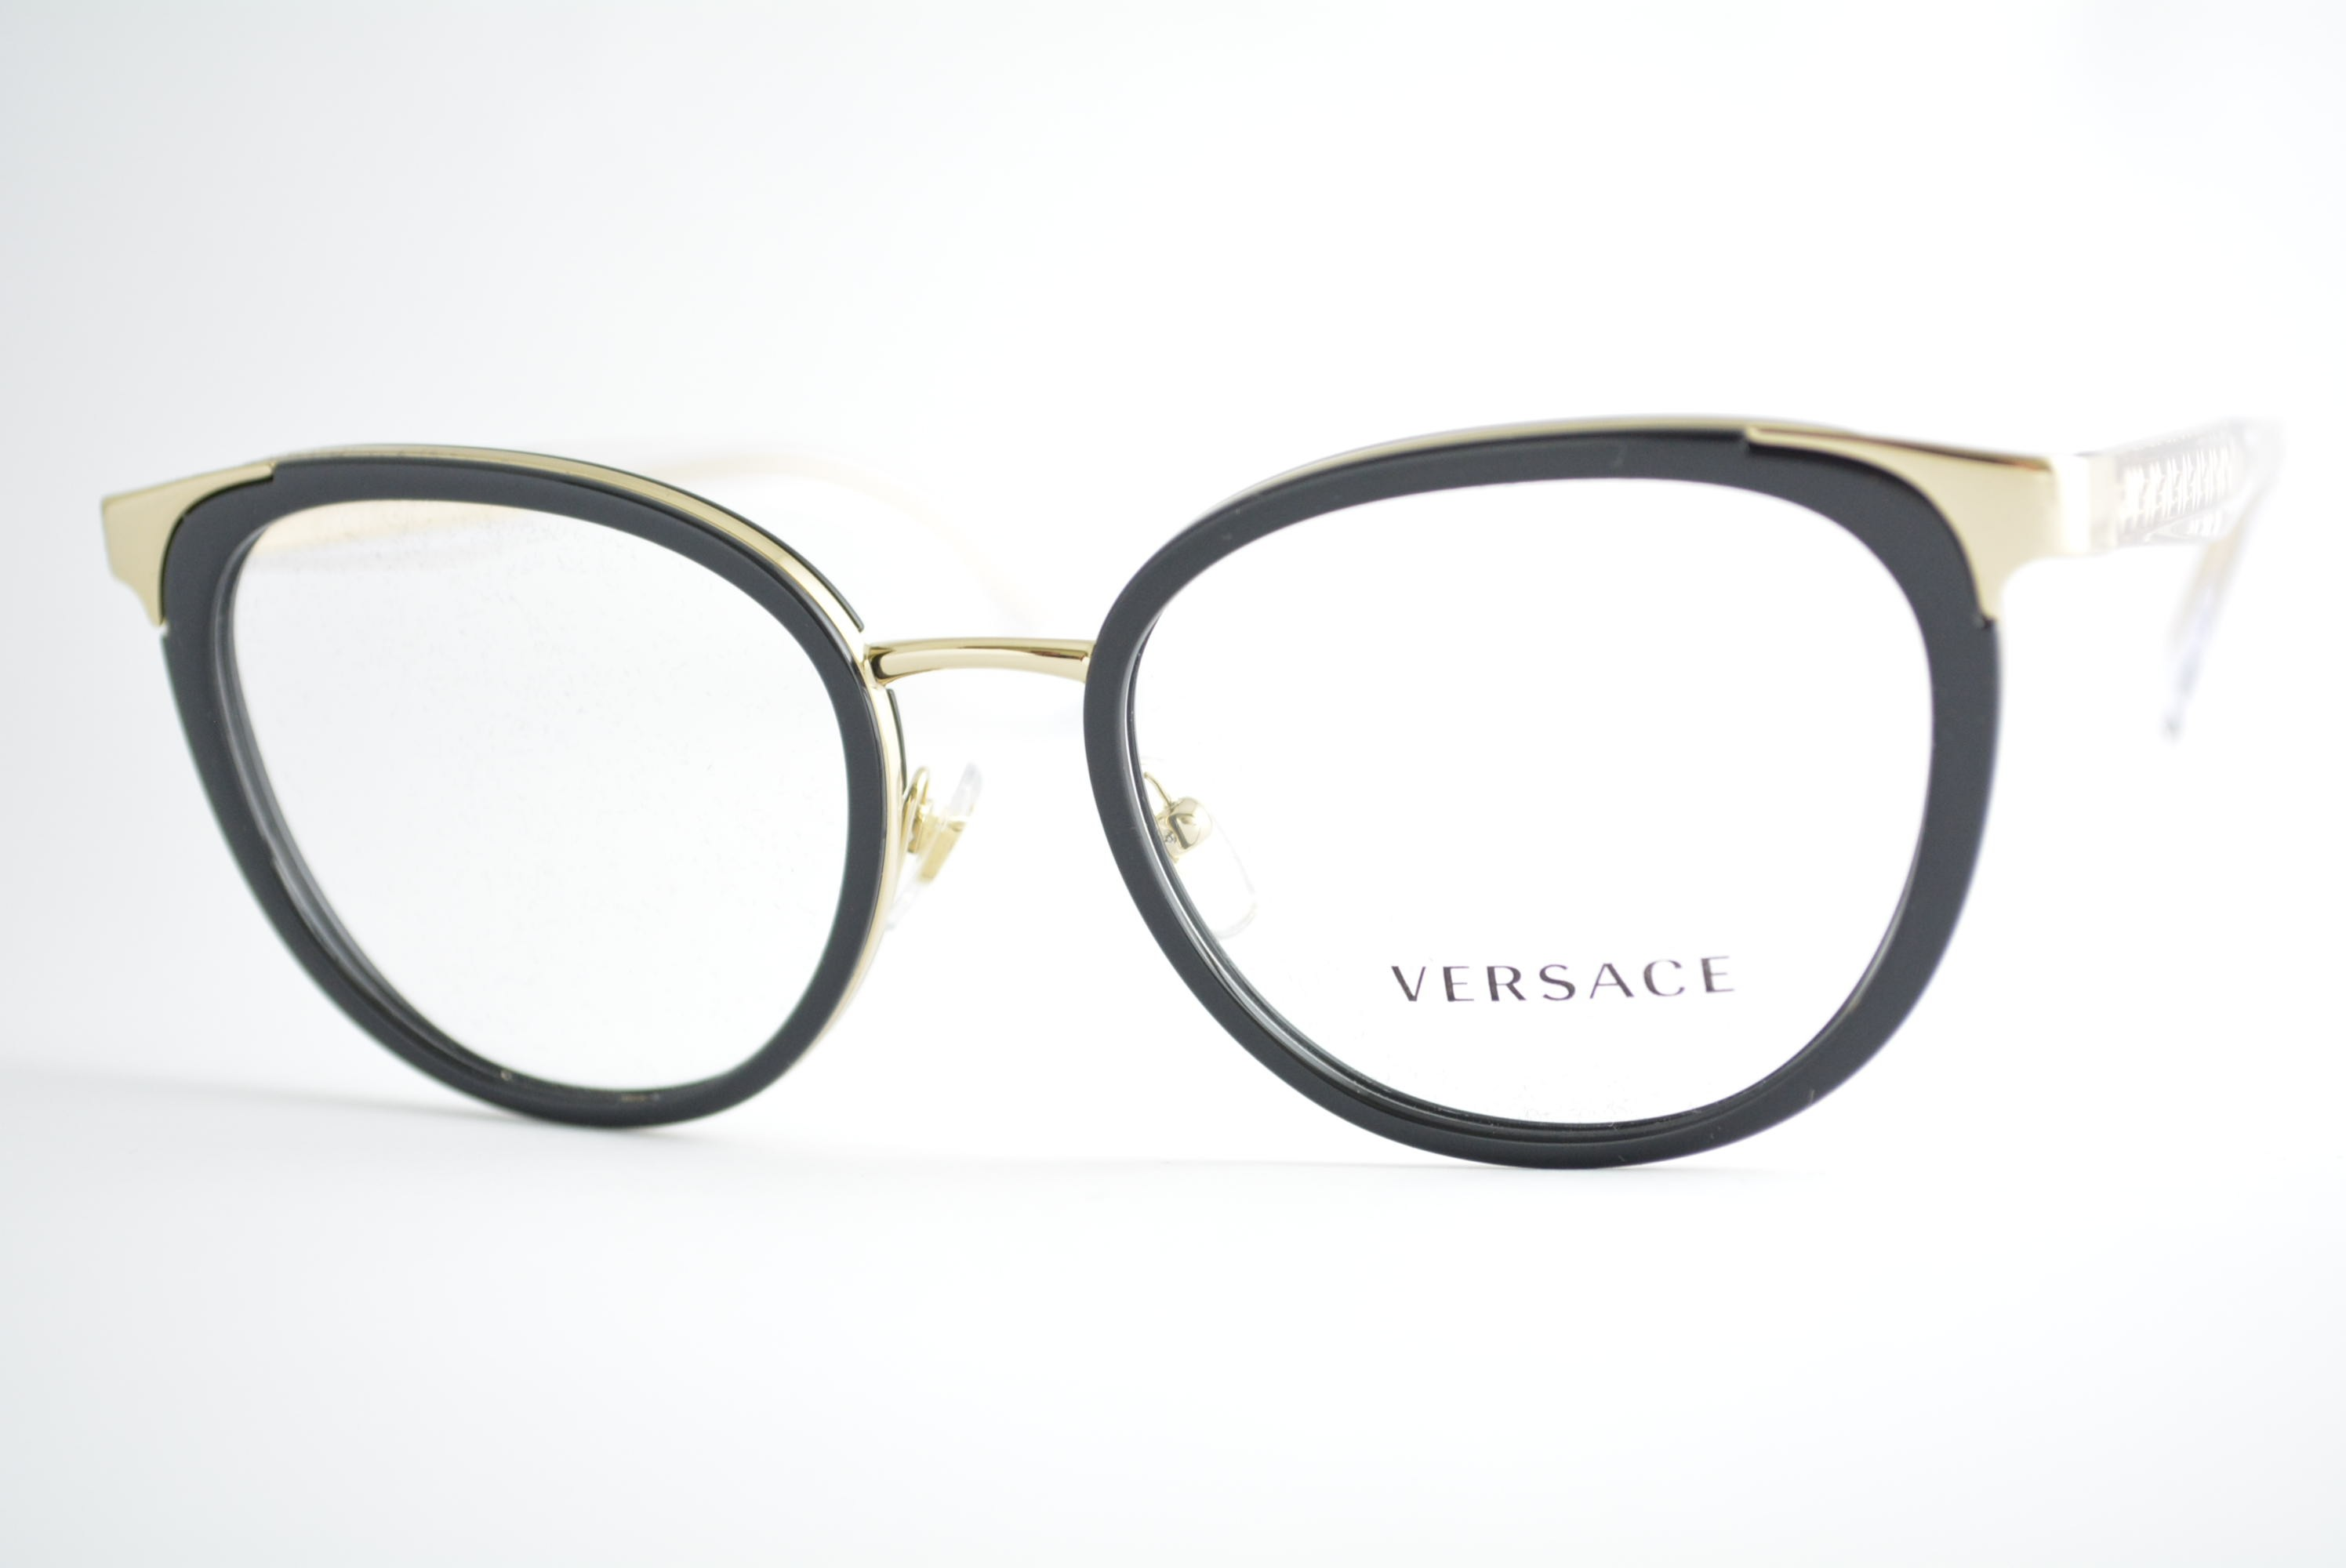 647c724beed79 armação de óculos Versace mod 1249 1252 Ótica Cardoso